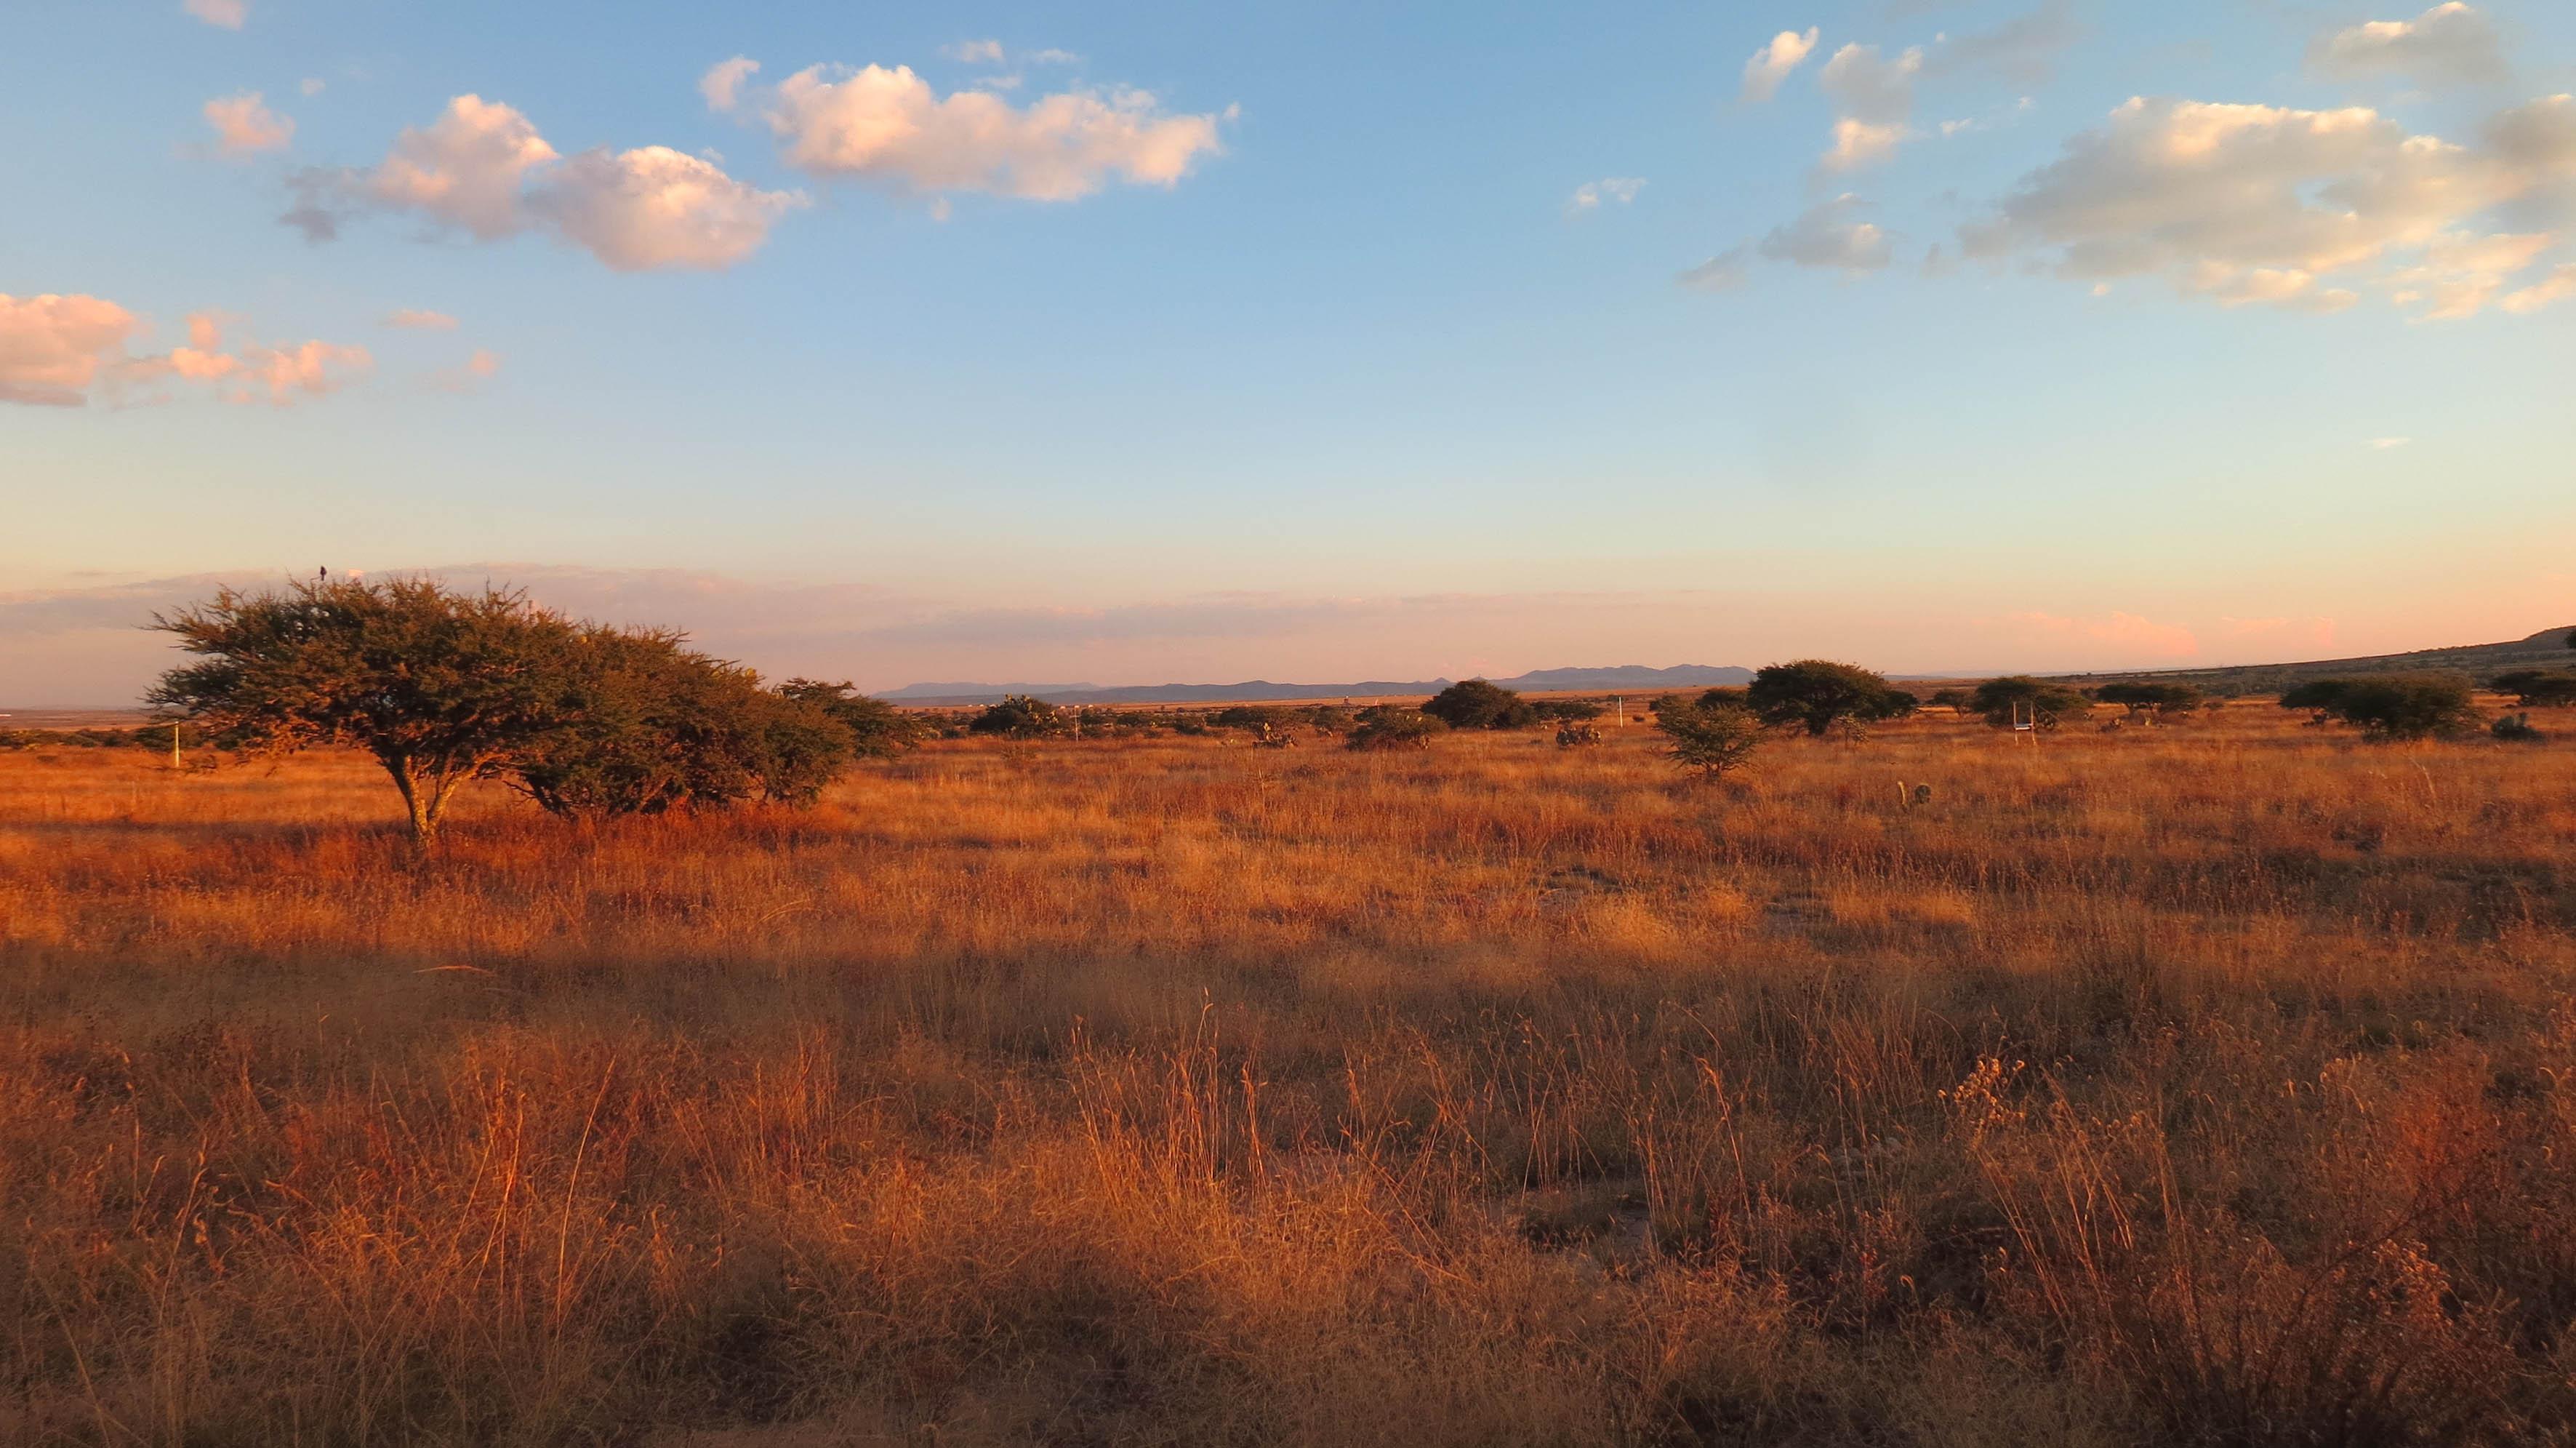 Atardecer en un cerro con un paisaje rojizo